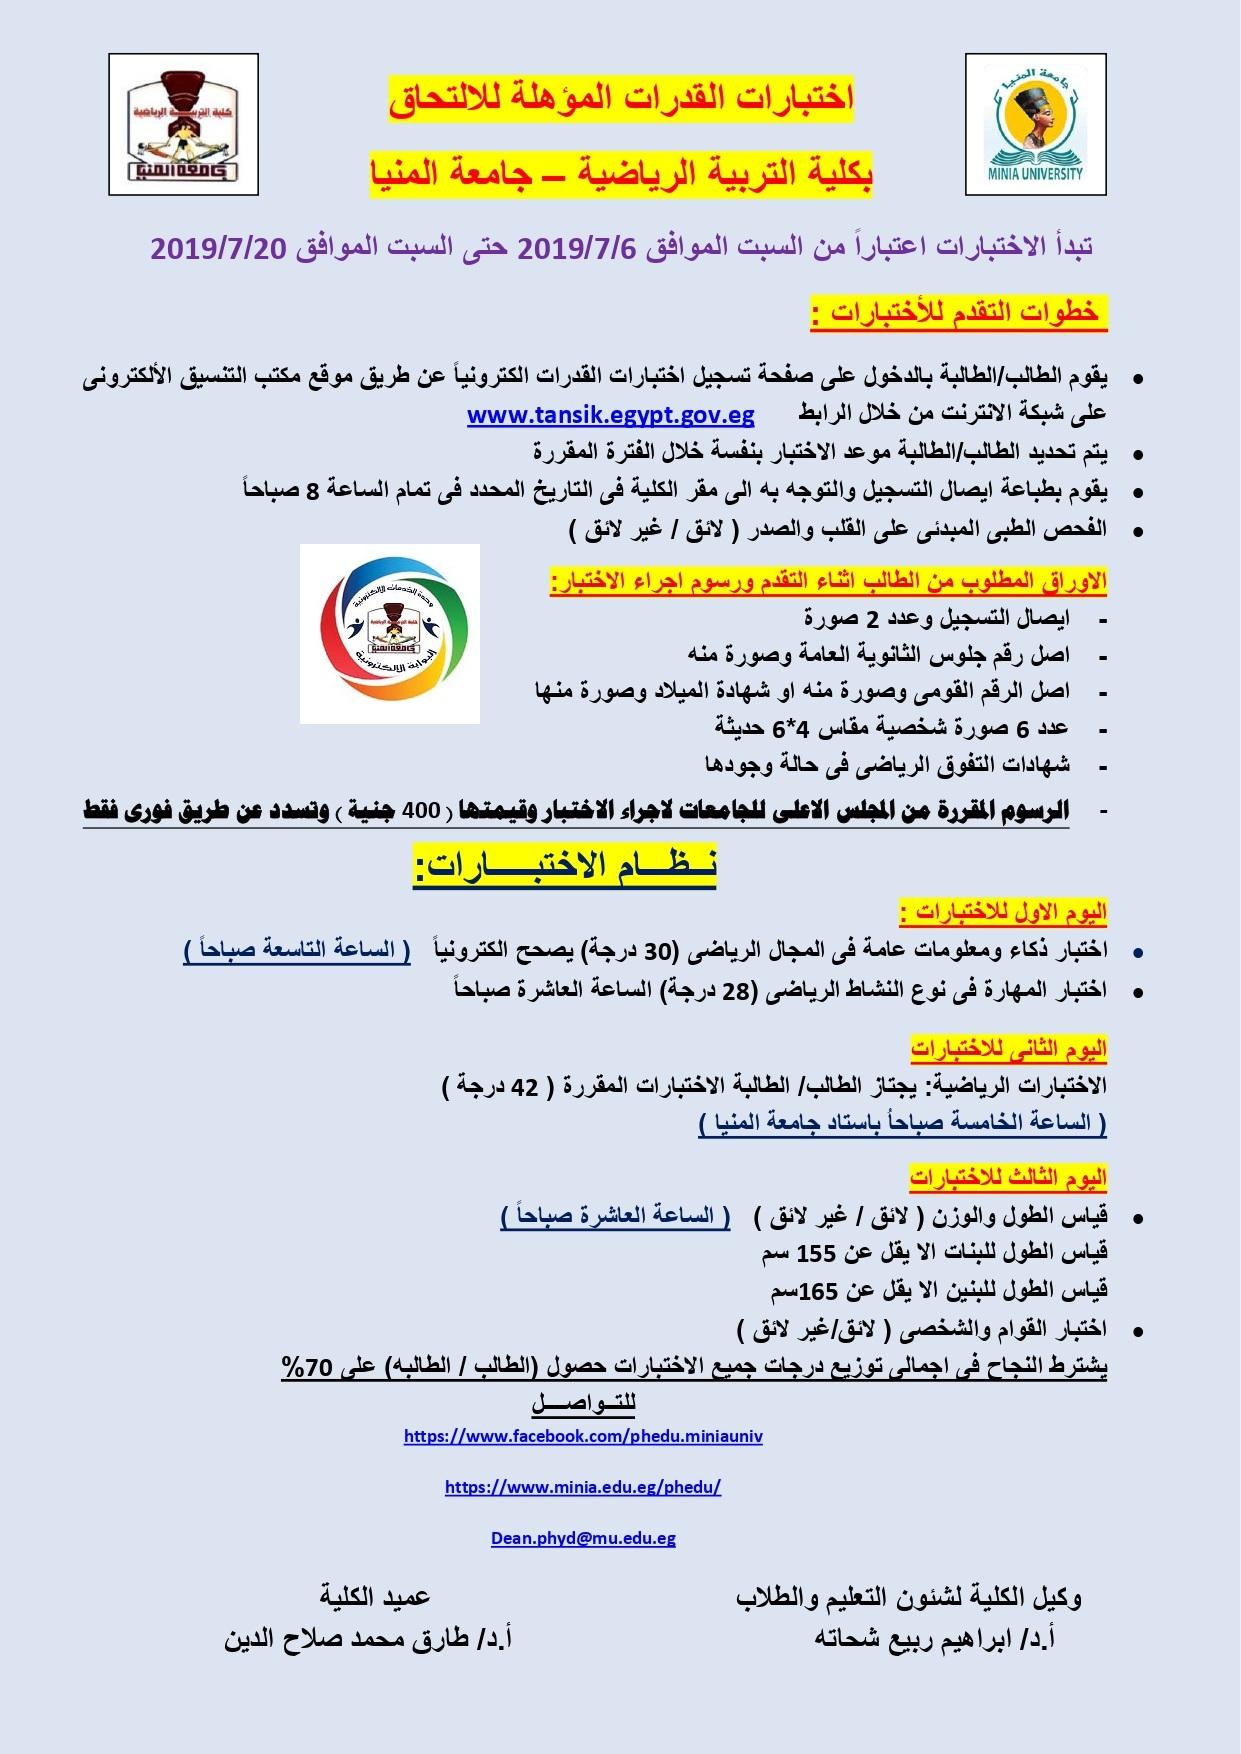 اختبارات القدرات المؤهلة للالتحاق بكلية التربية الرياضية جامعة المنيا